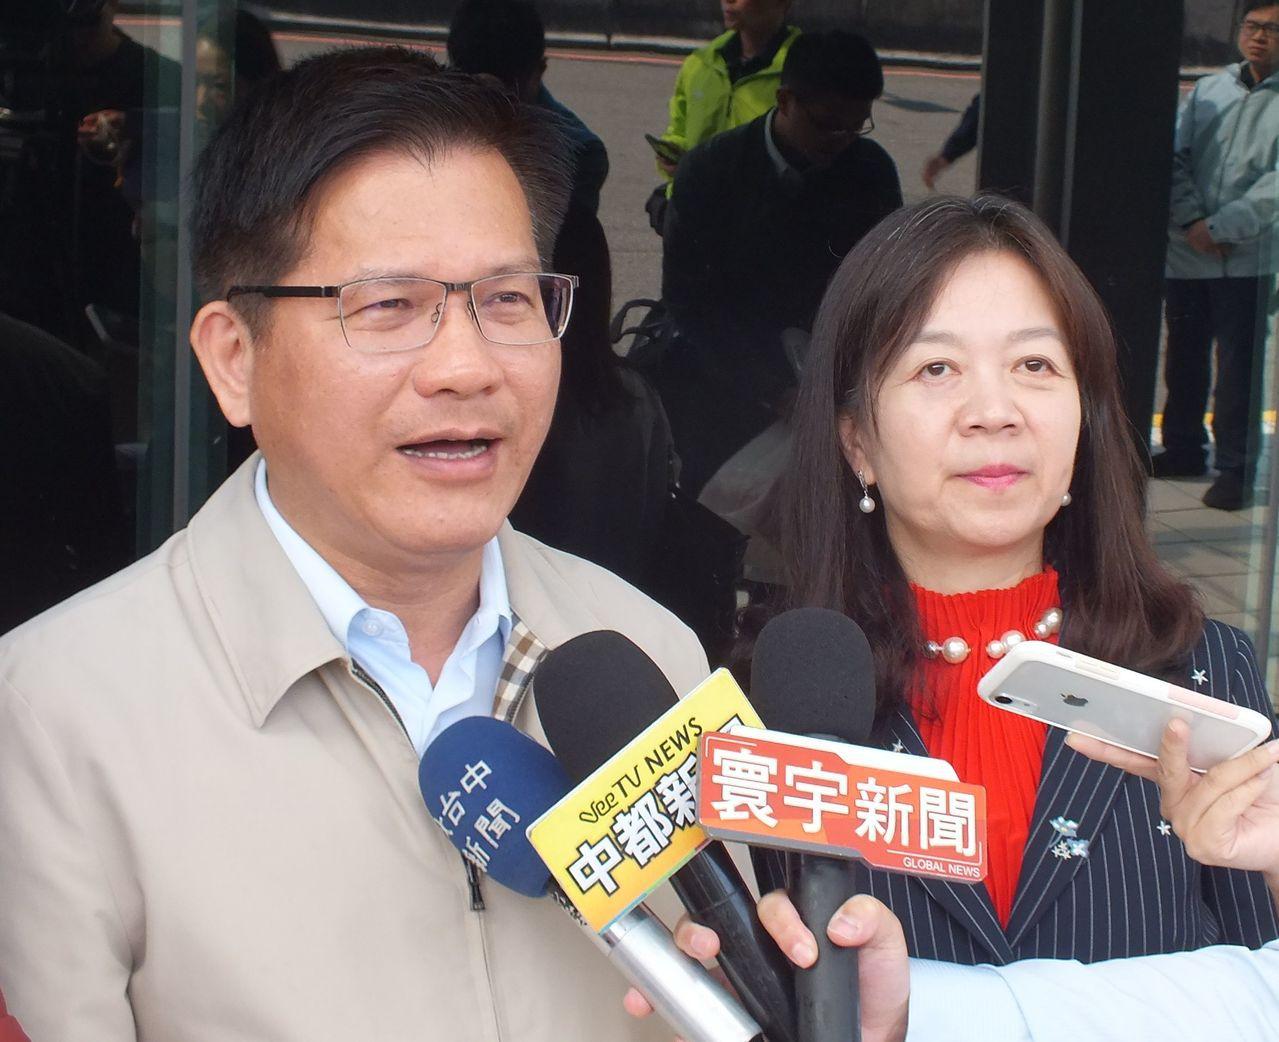 交通部長林佳龍(左)今天受訪表示,人臉辨識監控一定要謹慎,與社會做好溝通,適法性...